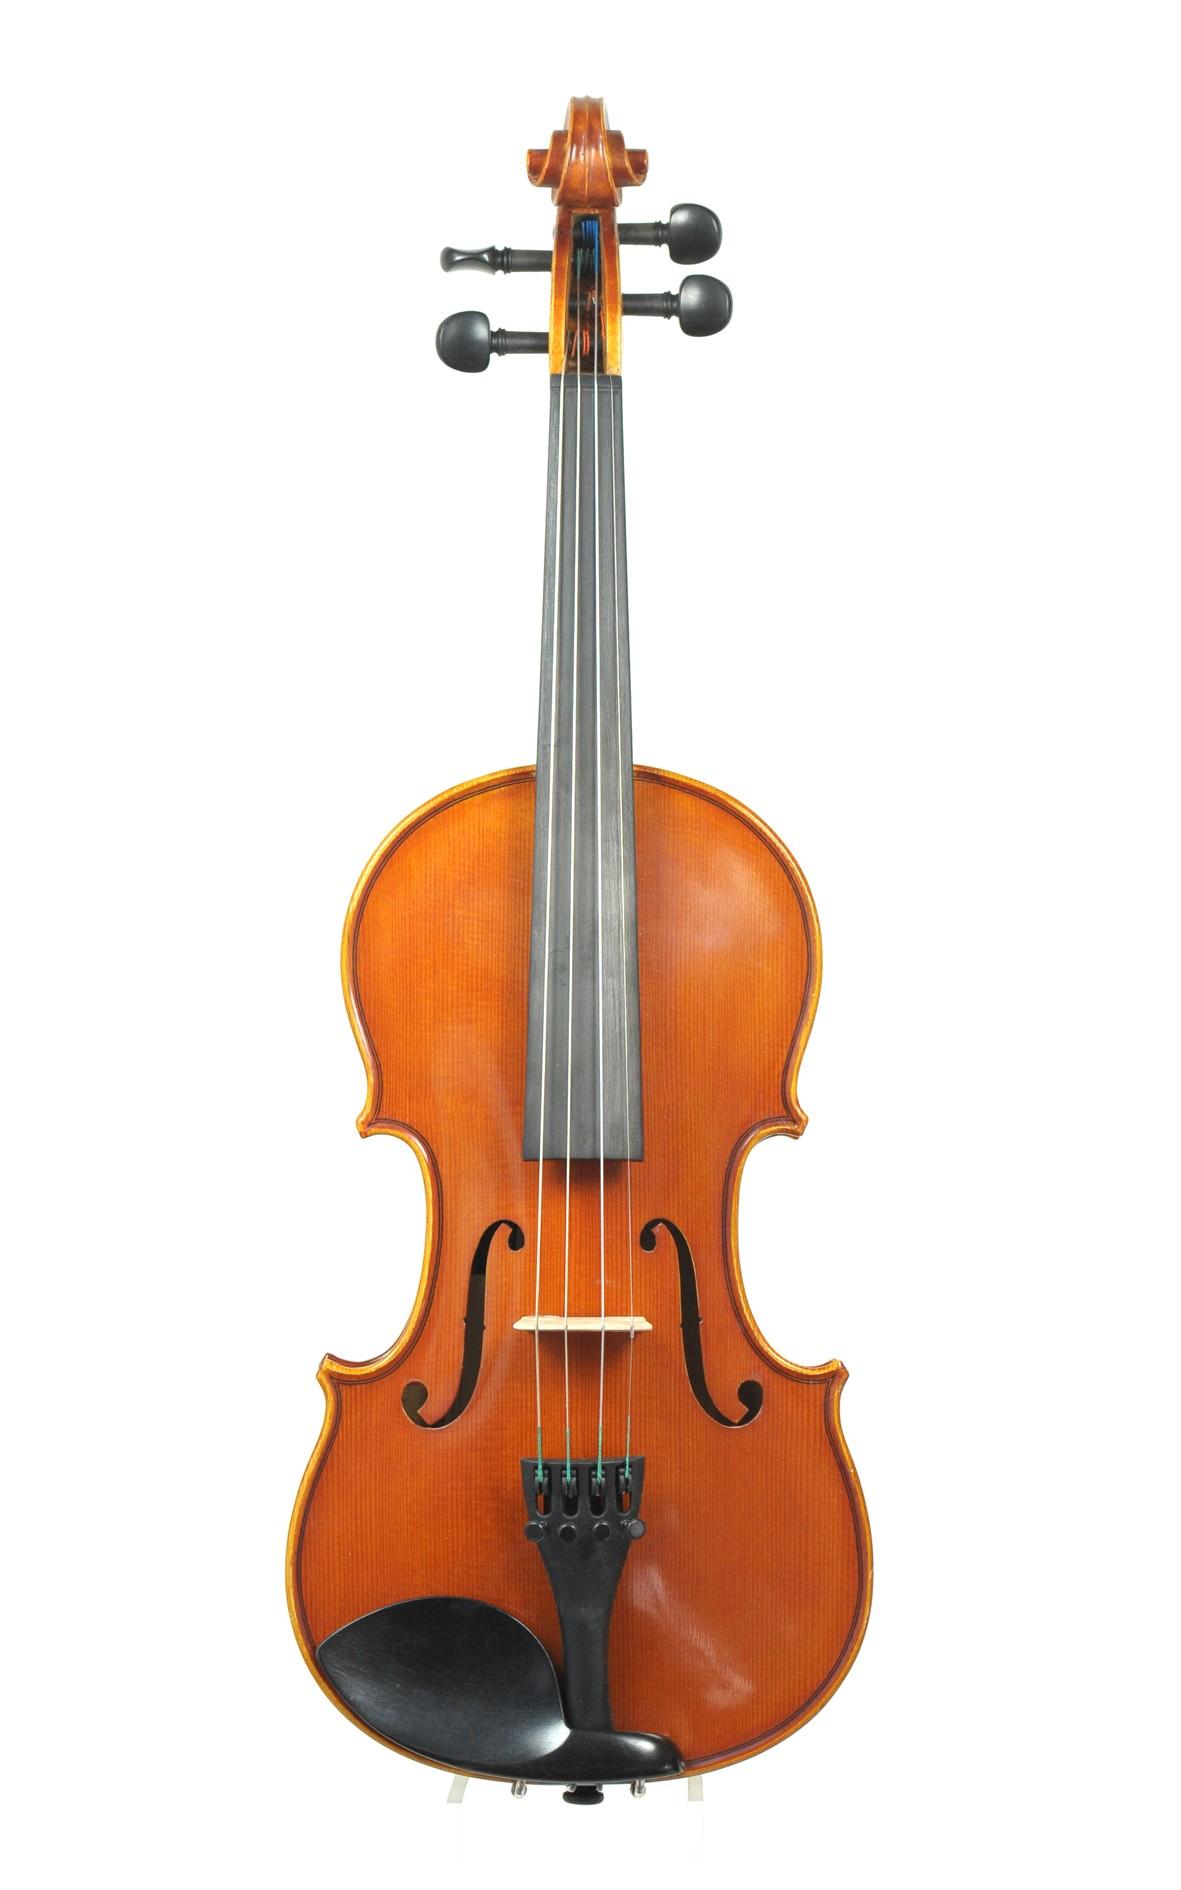 3/4 - German GEWA 3/4 violin - top